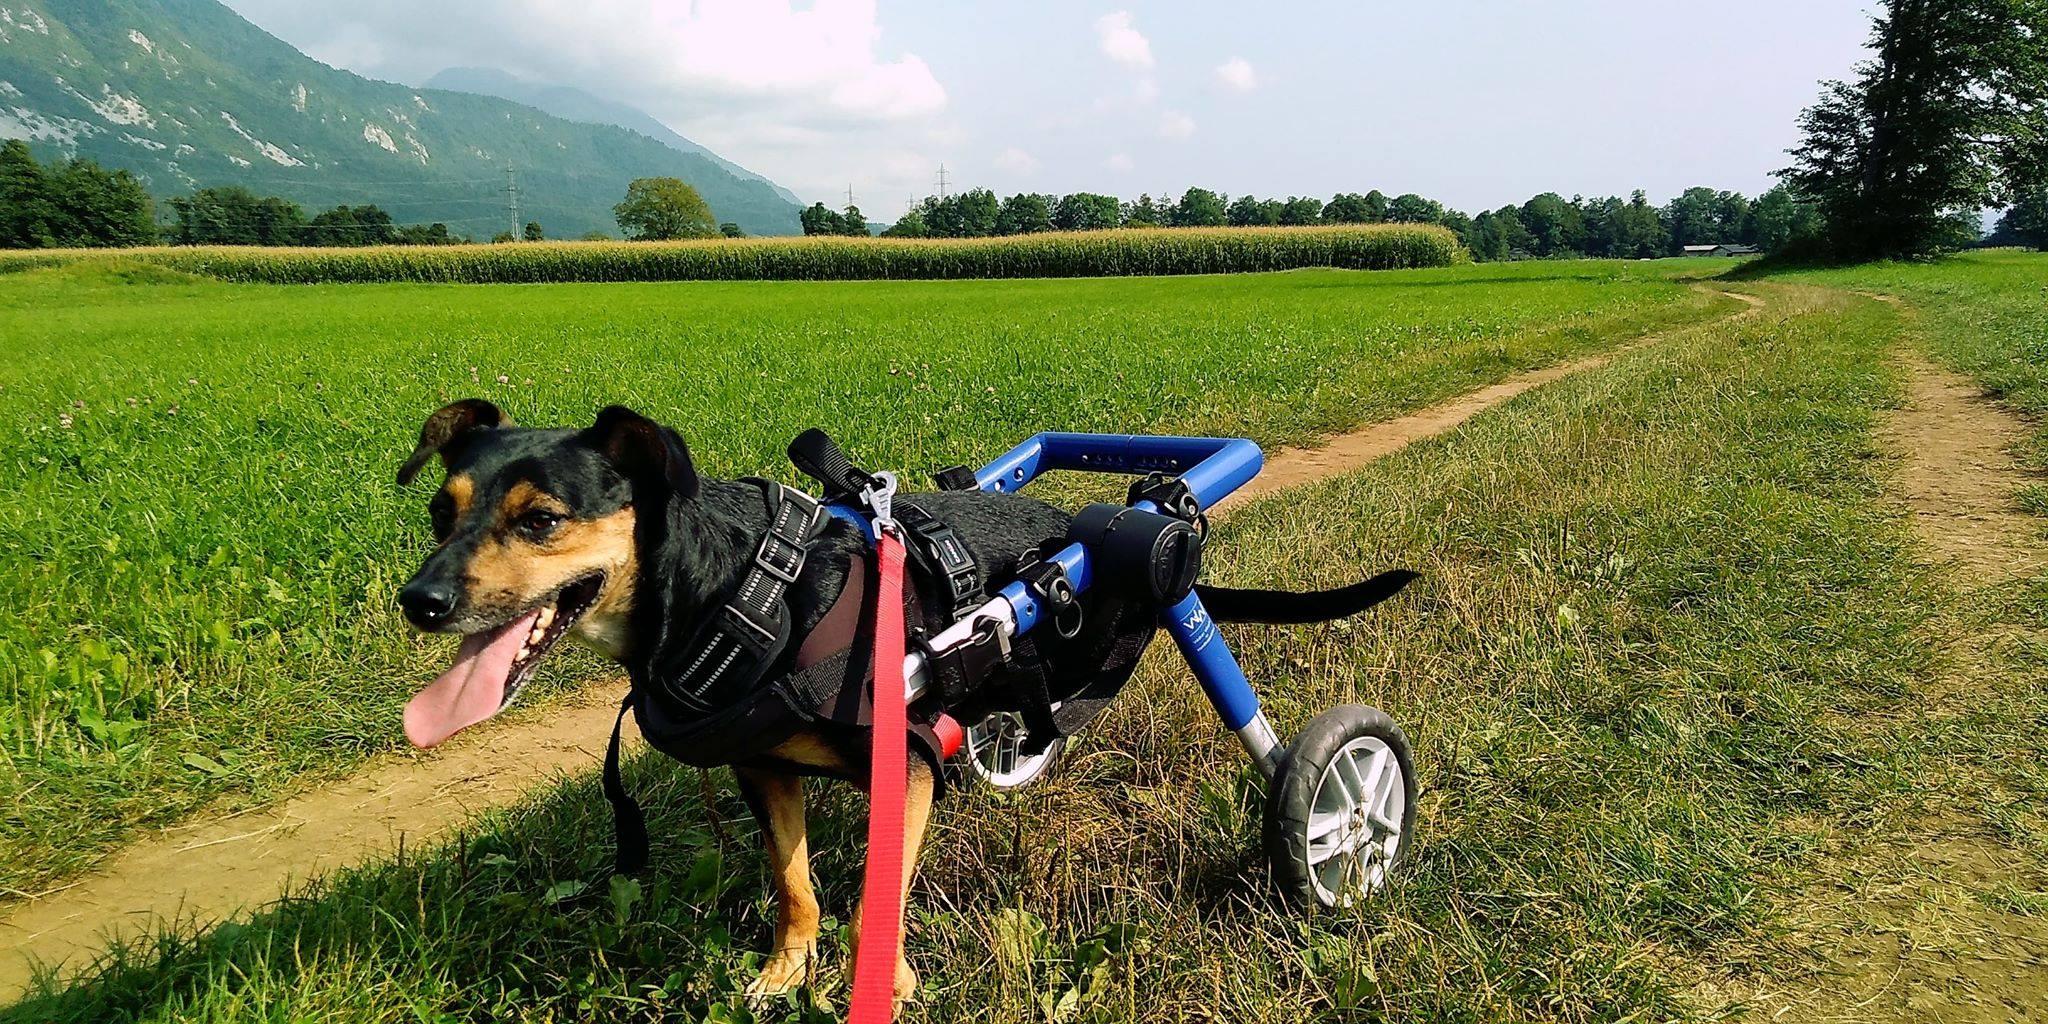 Majkijeva zgodba: invaliden najden v jarku, danes pa srečen in razigran kužek